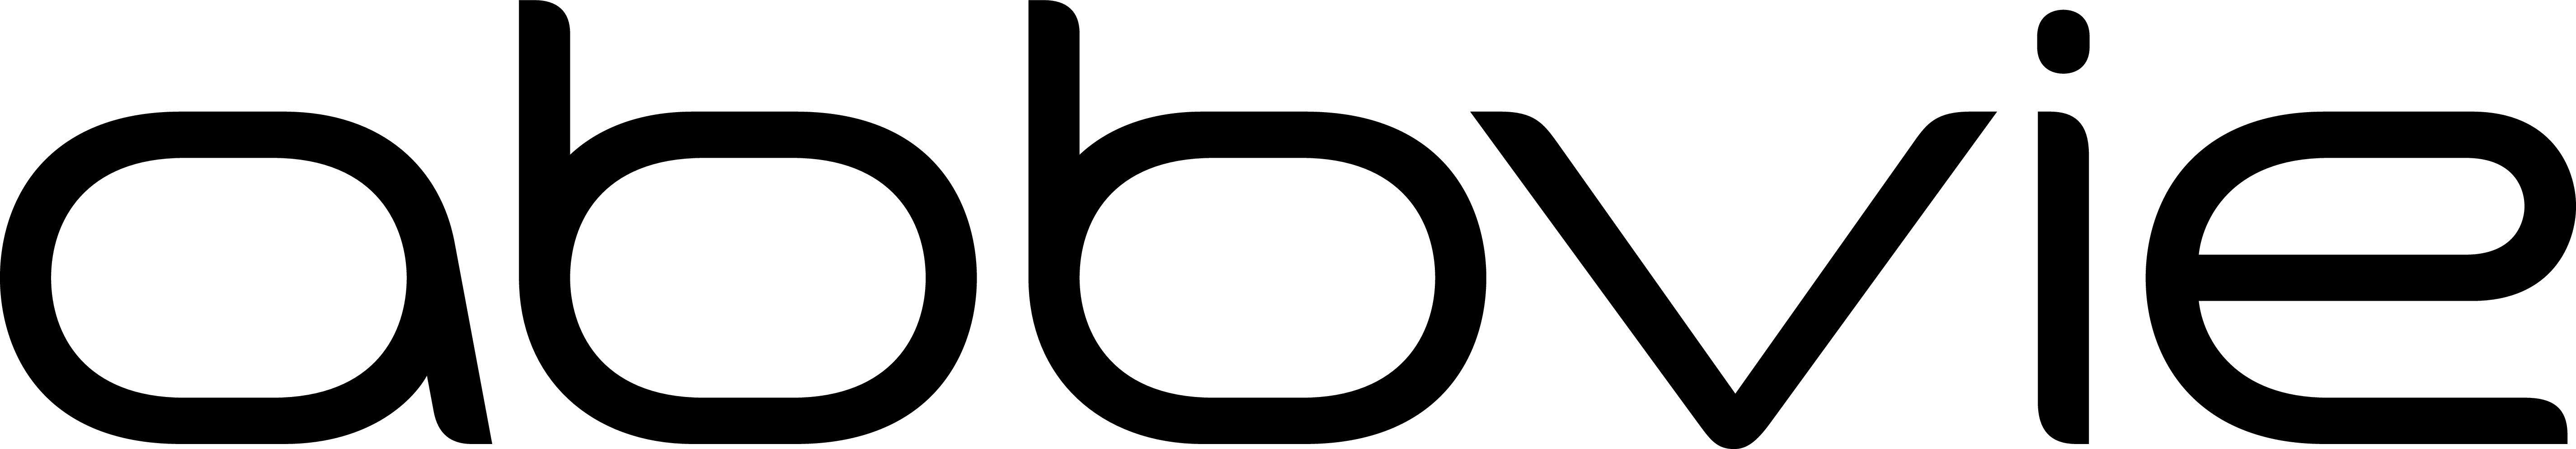 AbbVie Deutschland GmbH & Co. KG